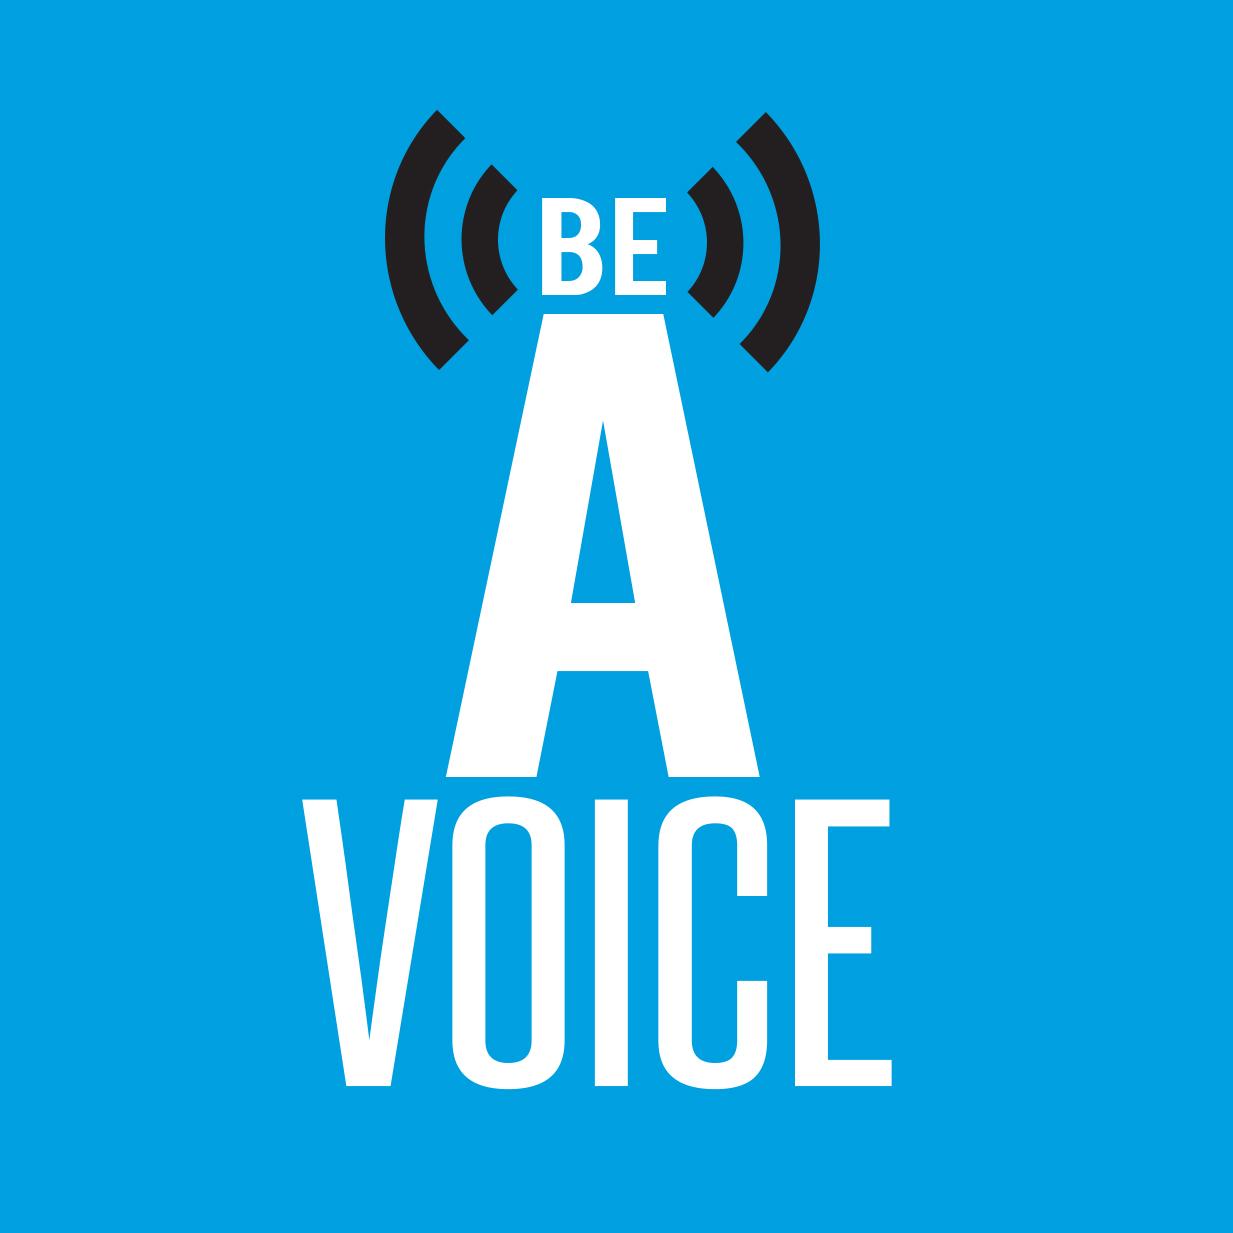 EHSU Be A Voice - Campaign Square